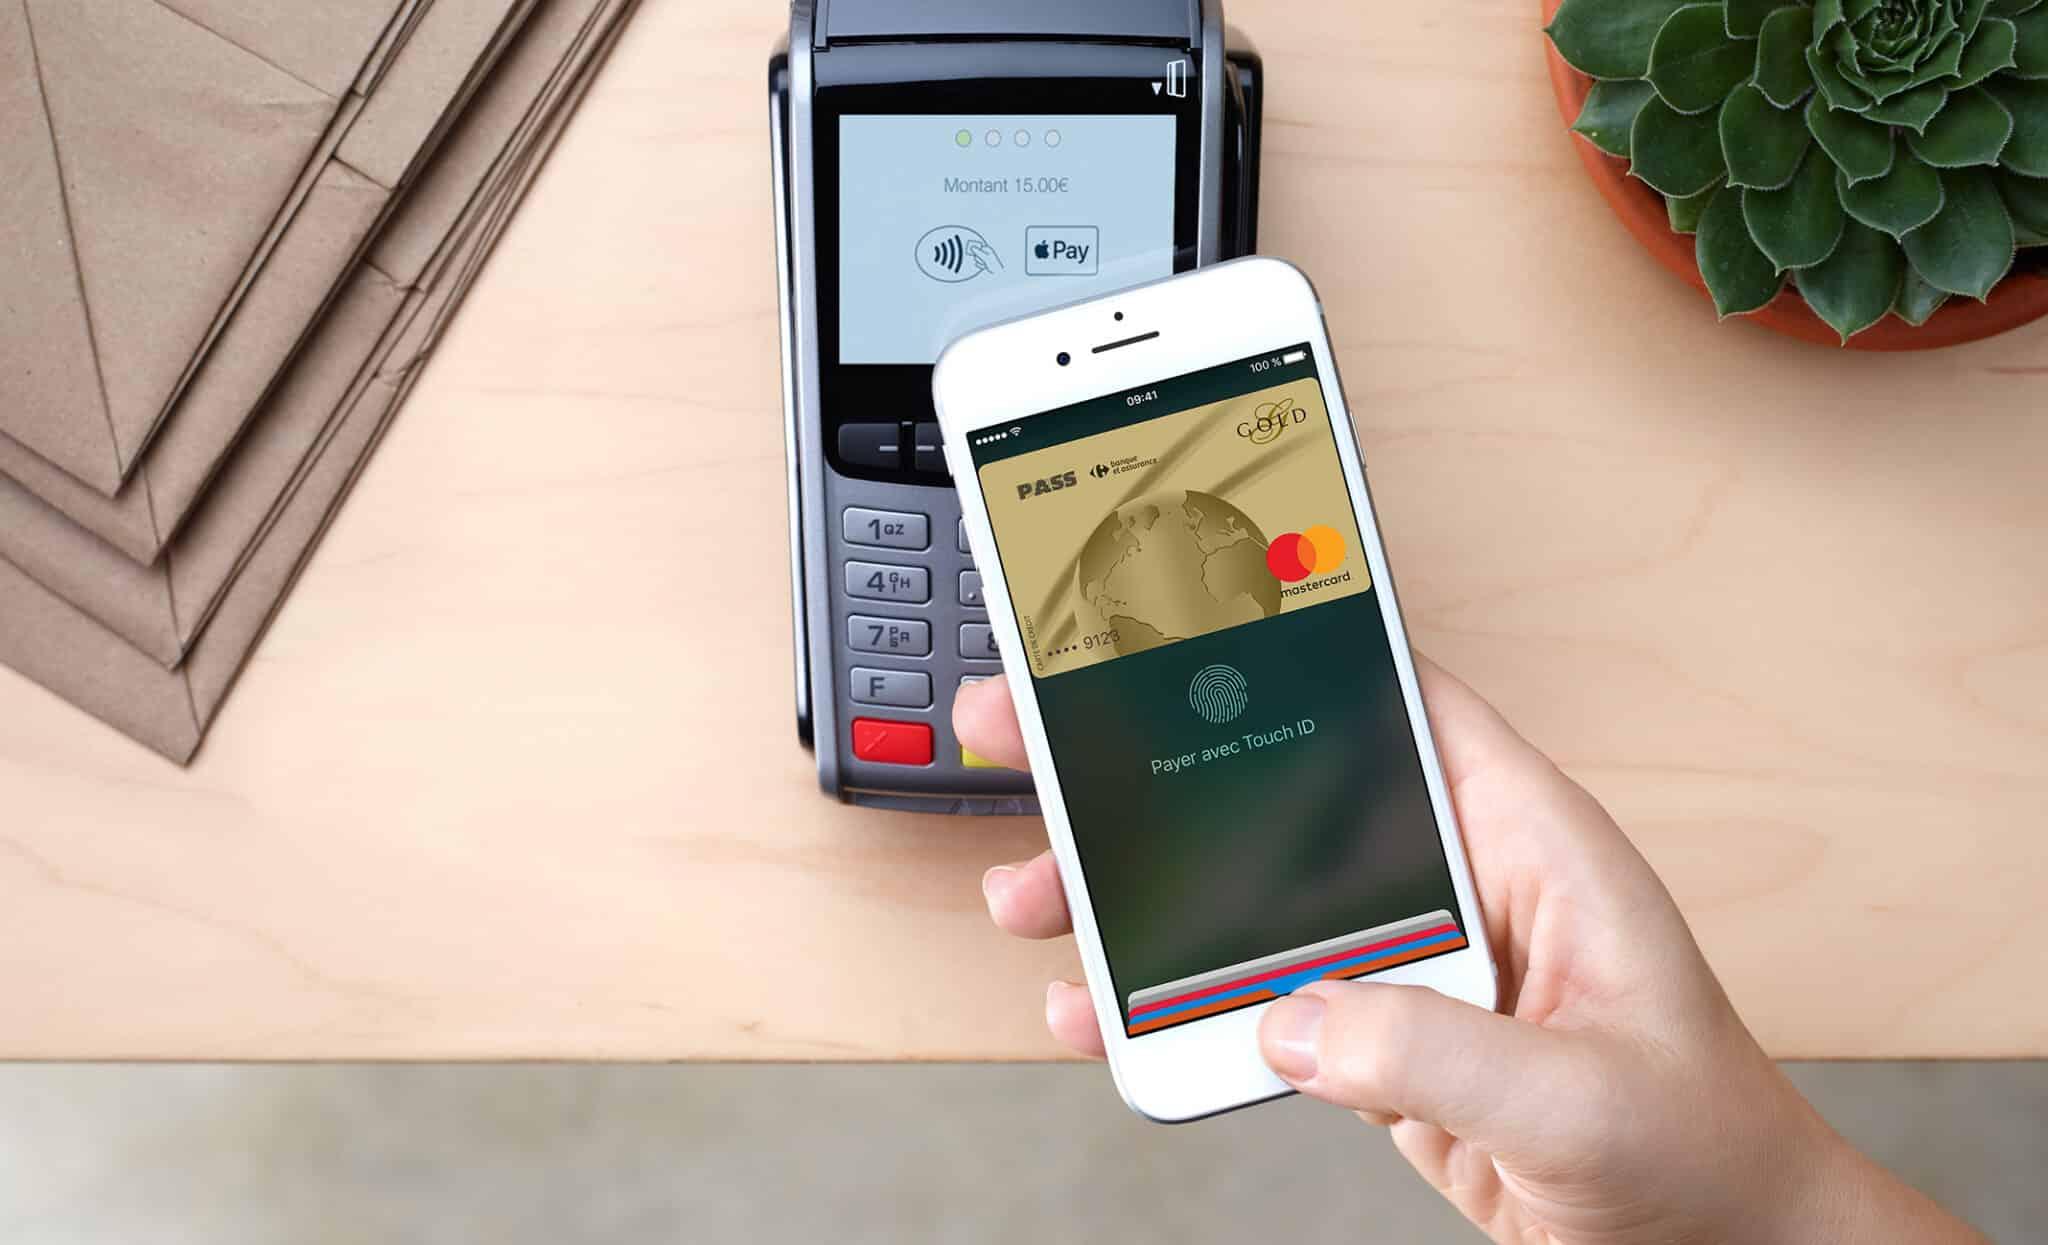 Banque compatible Apple Pay : laquelle choisir ?